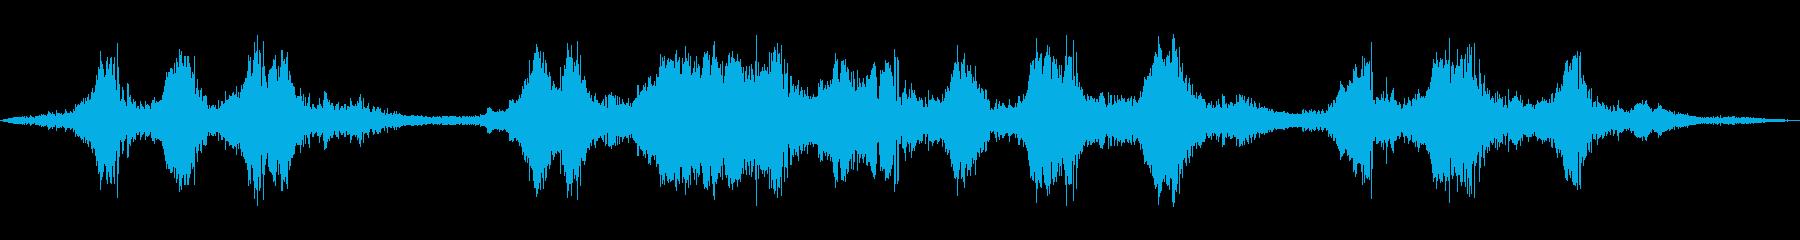 インディレースカー:コーナー、カー...の再生済みの波形